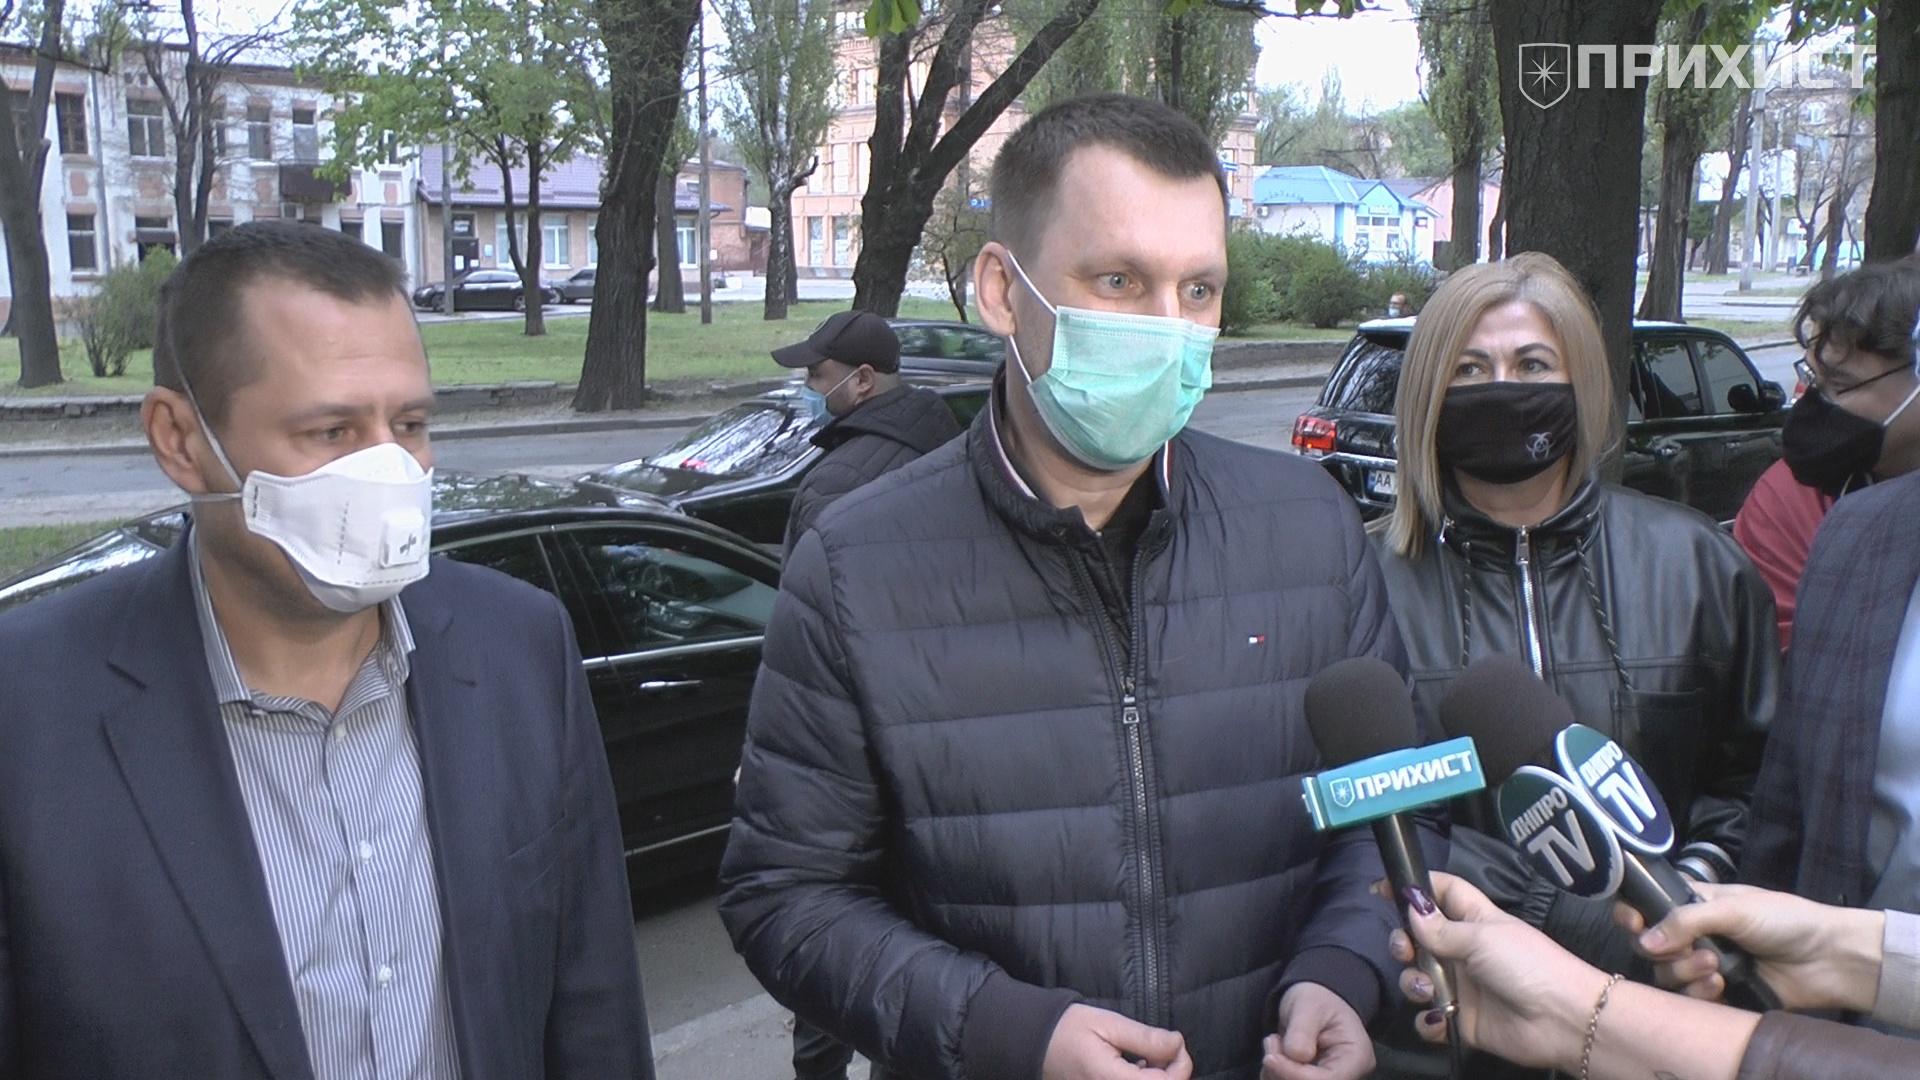 Александра Шаповала отпустили из зала суда под поручительство коллег-мэров | Прихист